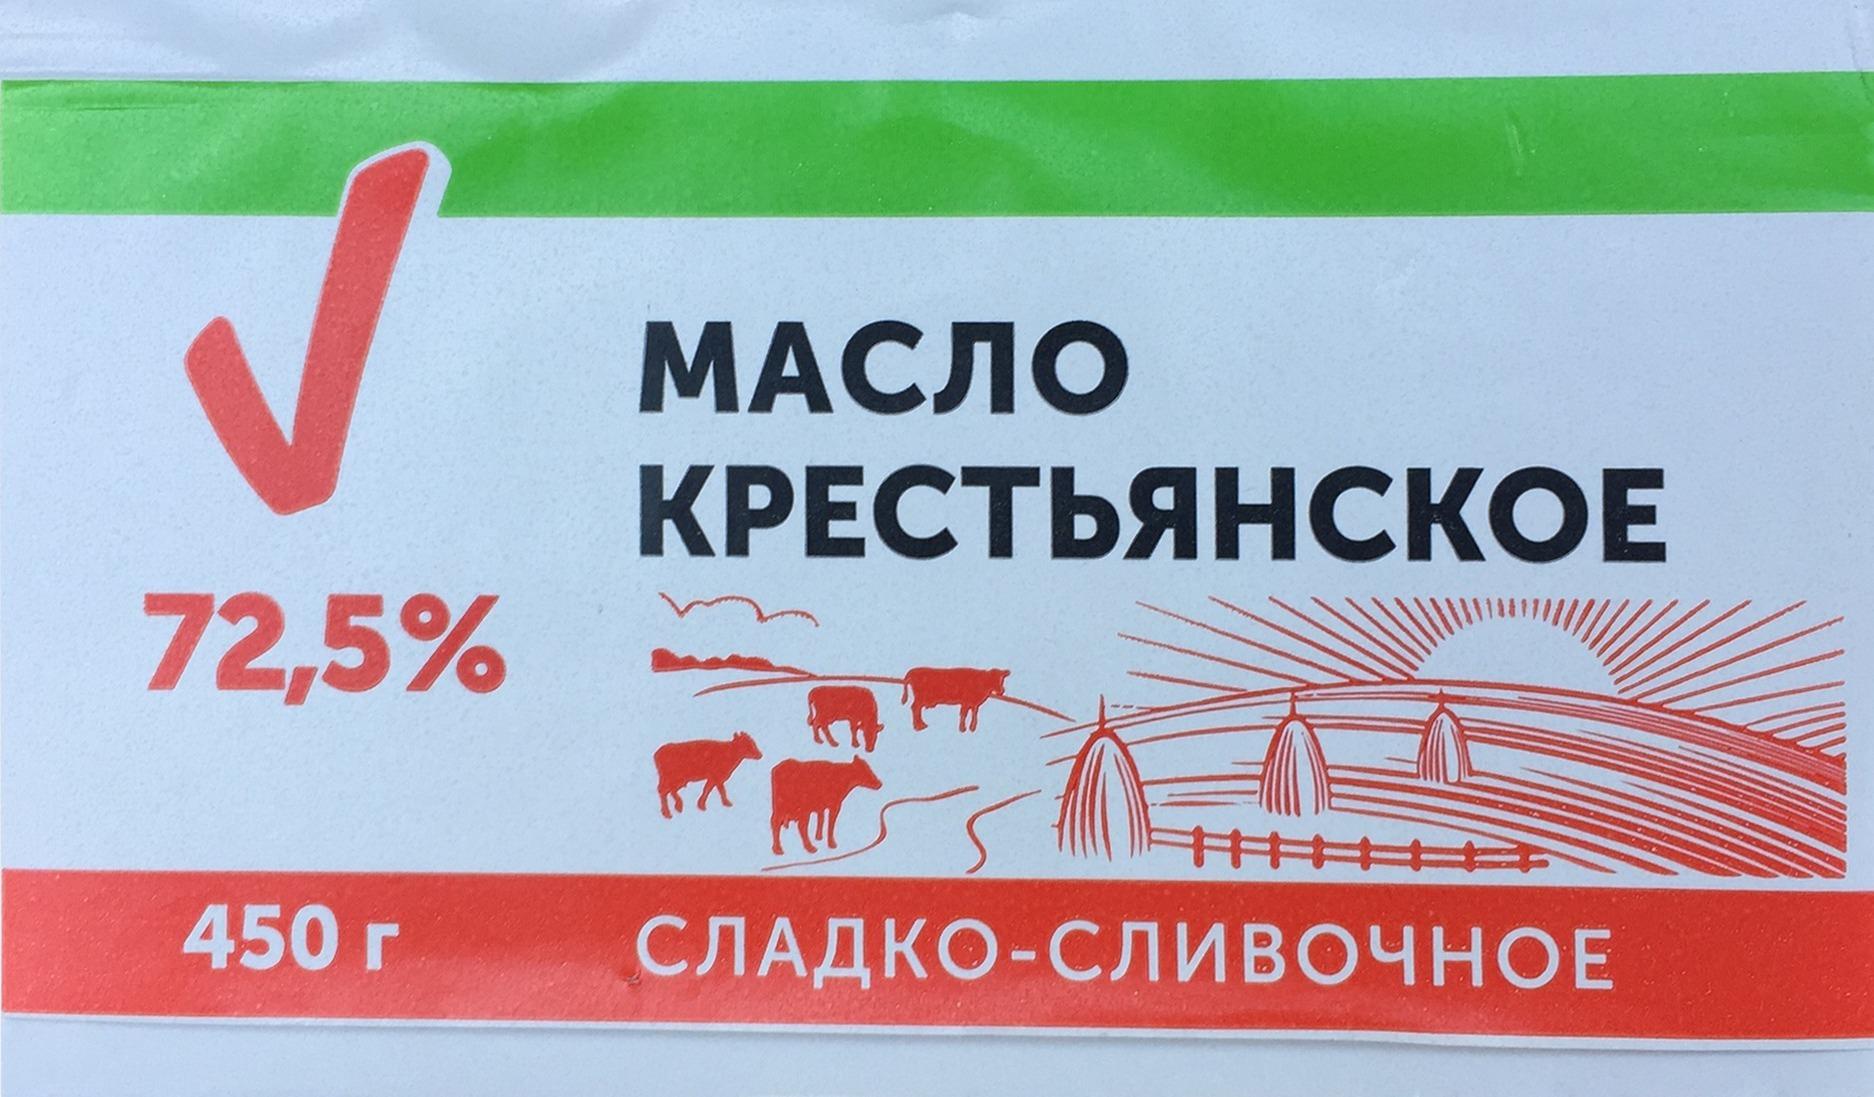 Масло крестьянское сладко-сливочное